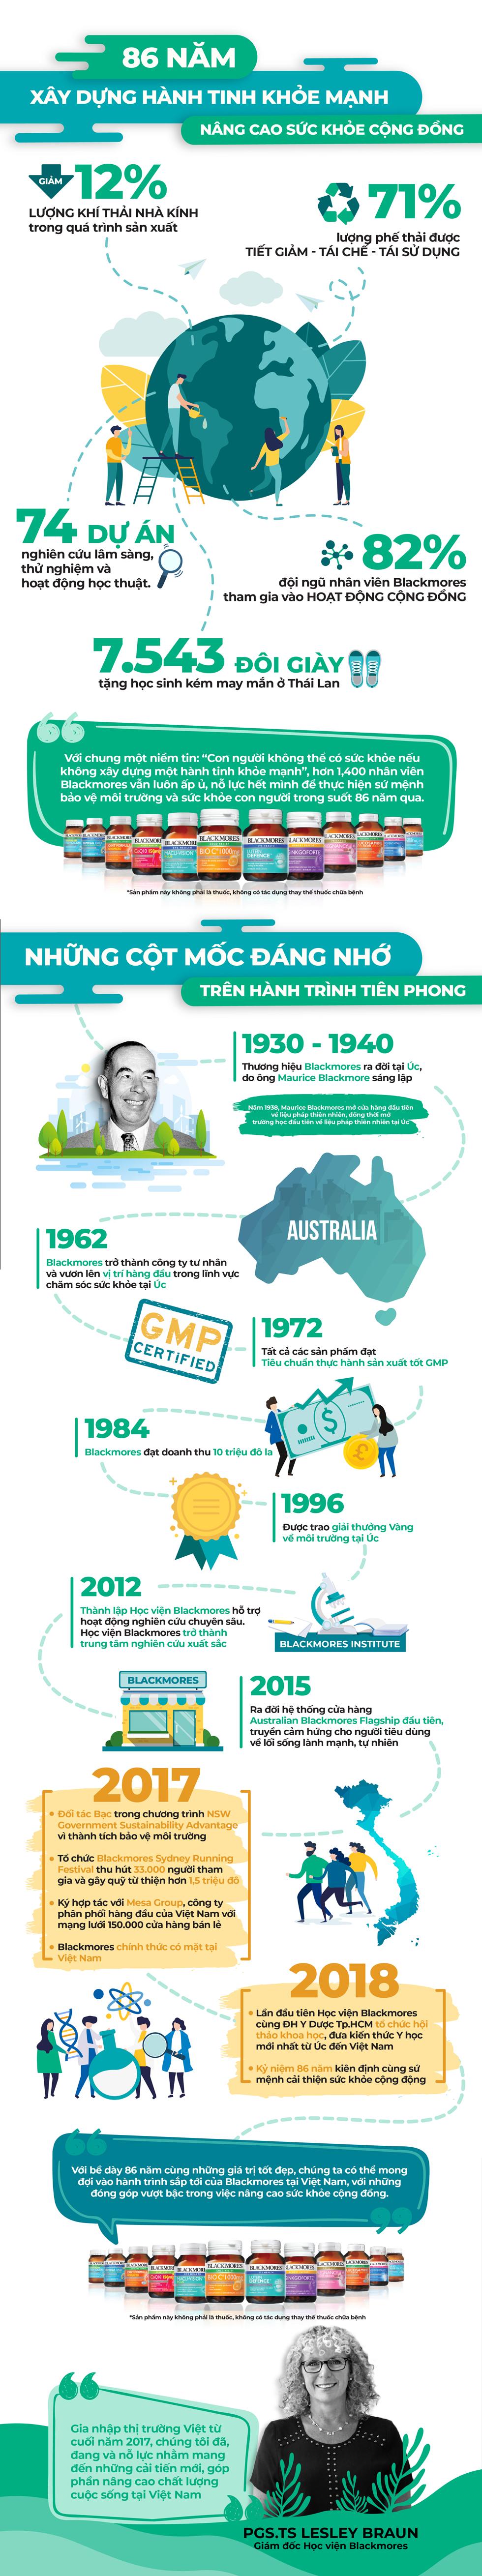 86 năm xây dựng 'hành tinh khỏe mạnh' của Blackmores